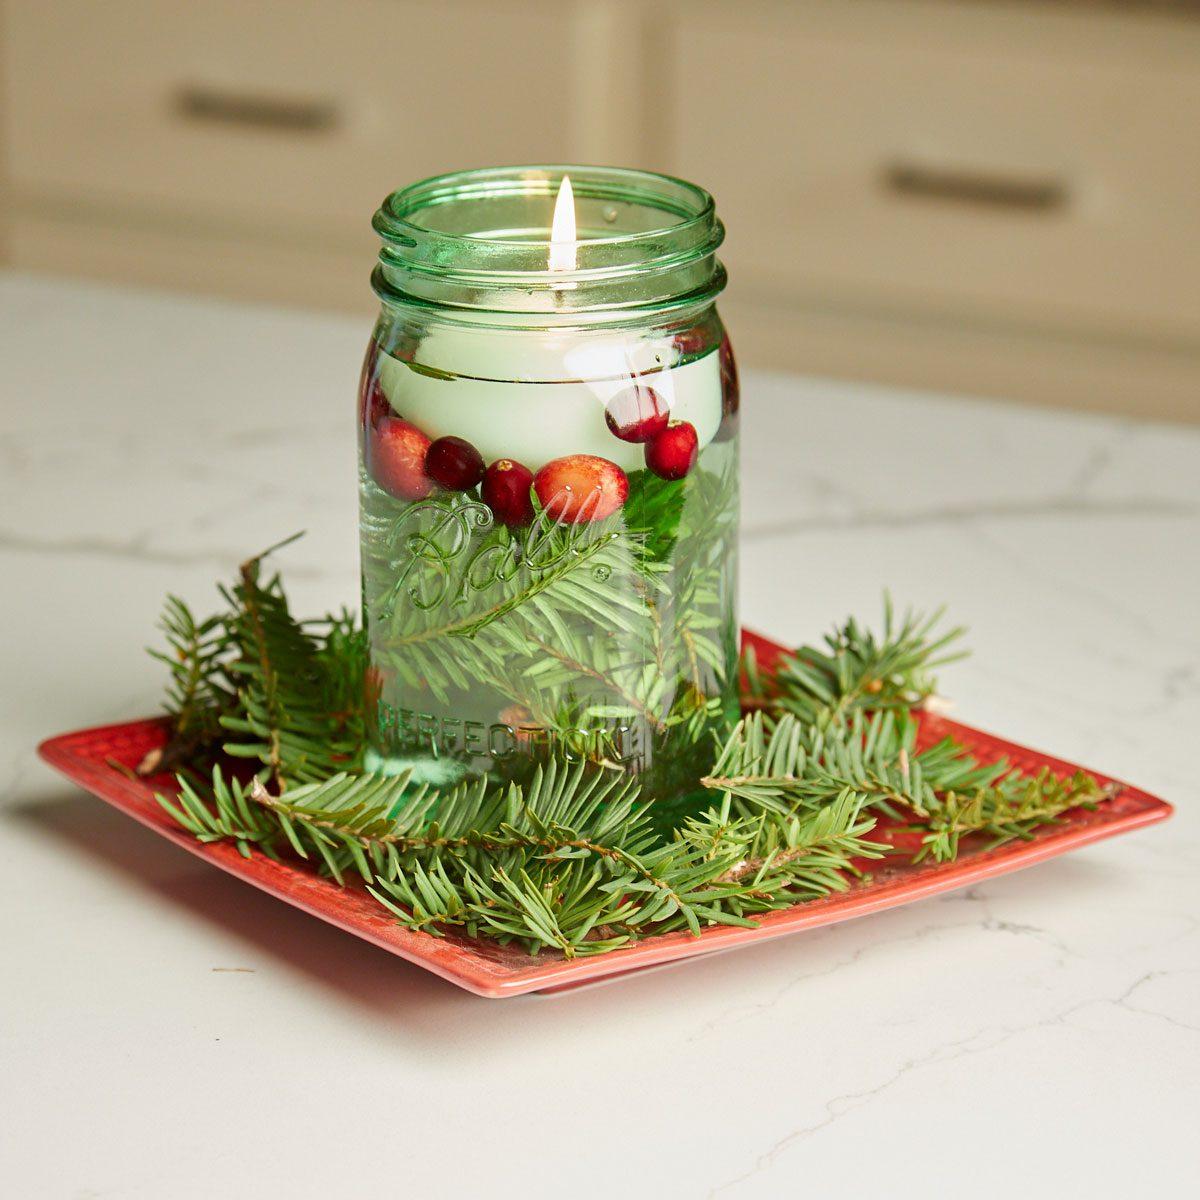 HH handy hint illuminated holiday jars